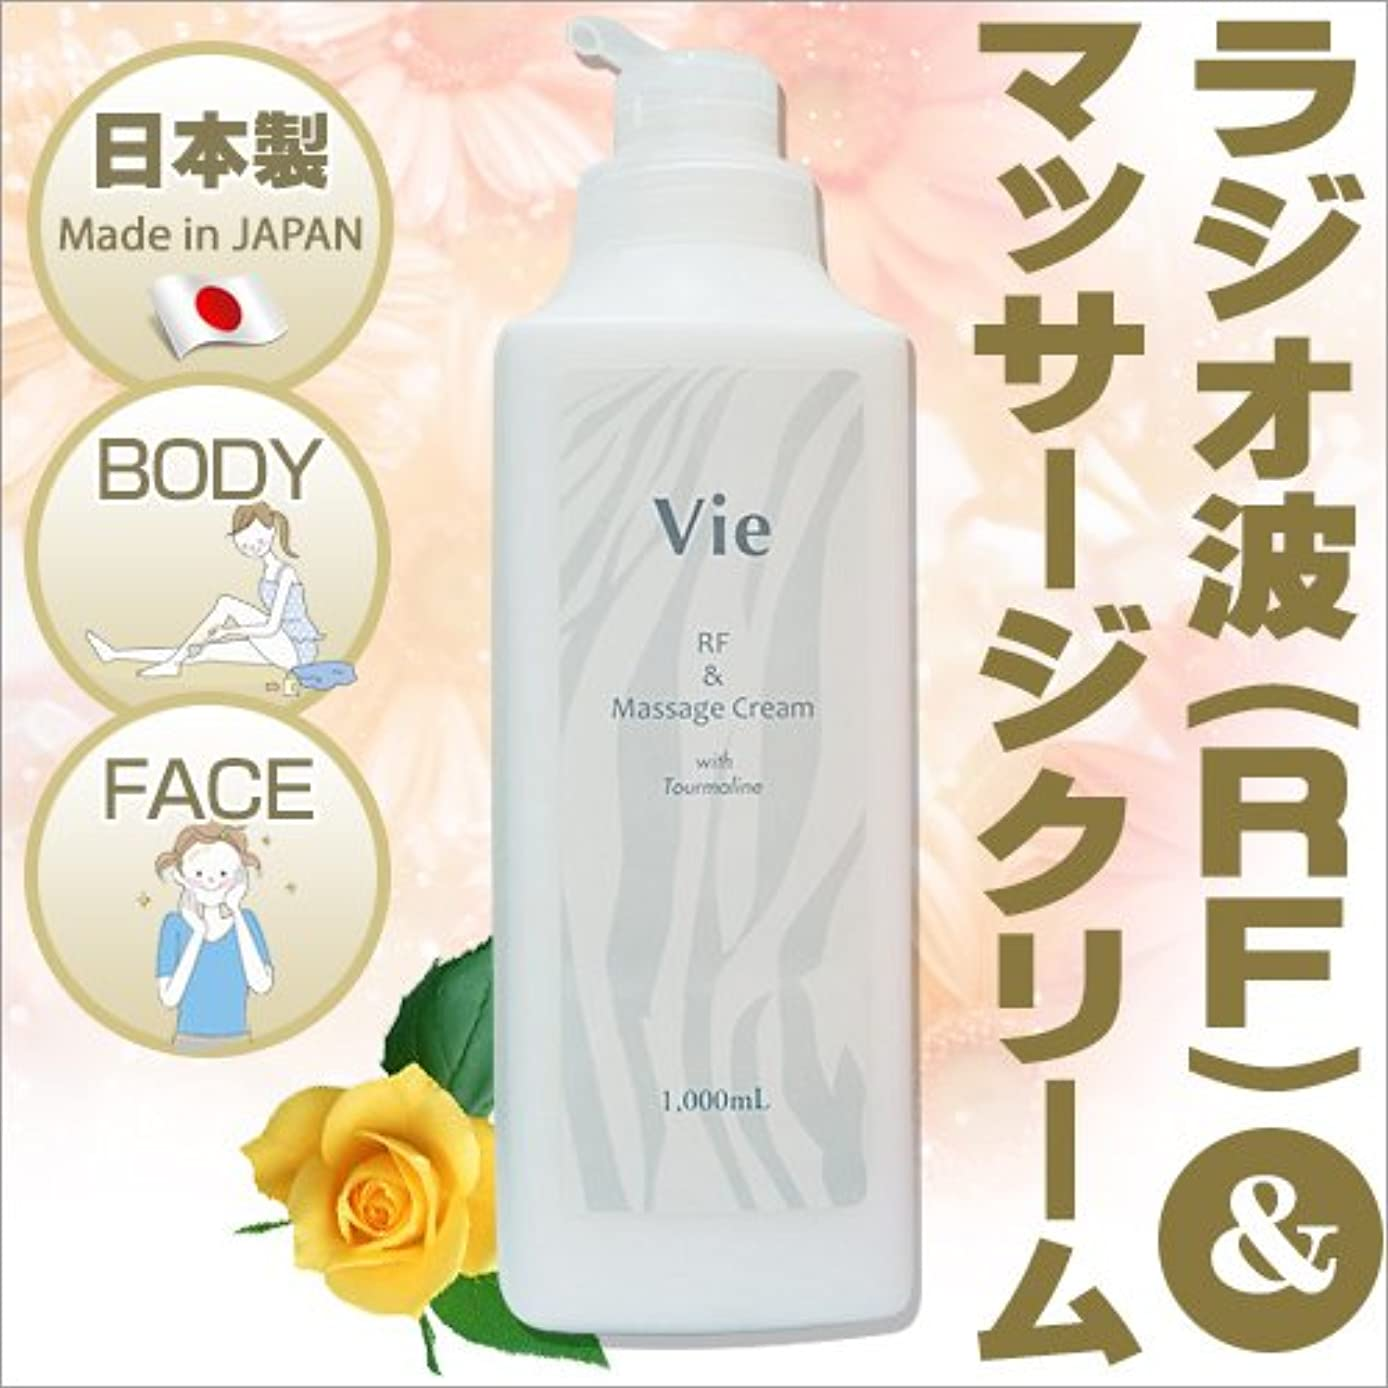 ポインタルーどこかラジオ波クリーム【日本製】1kg Vie RFクリーム